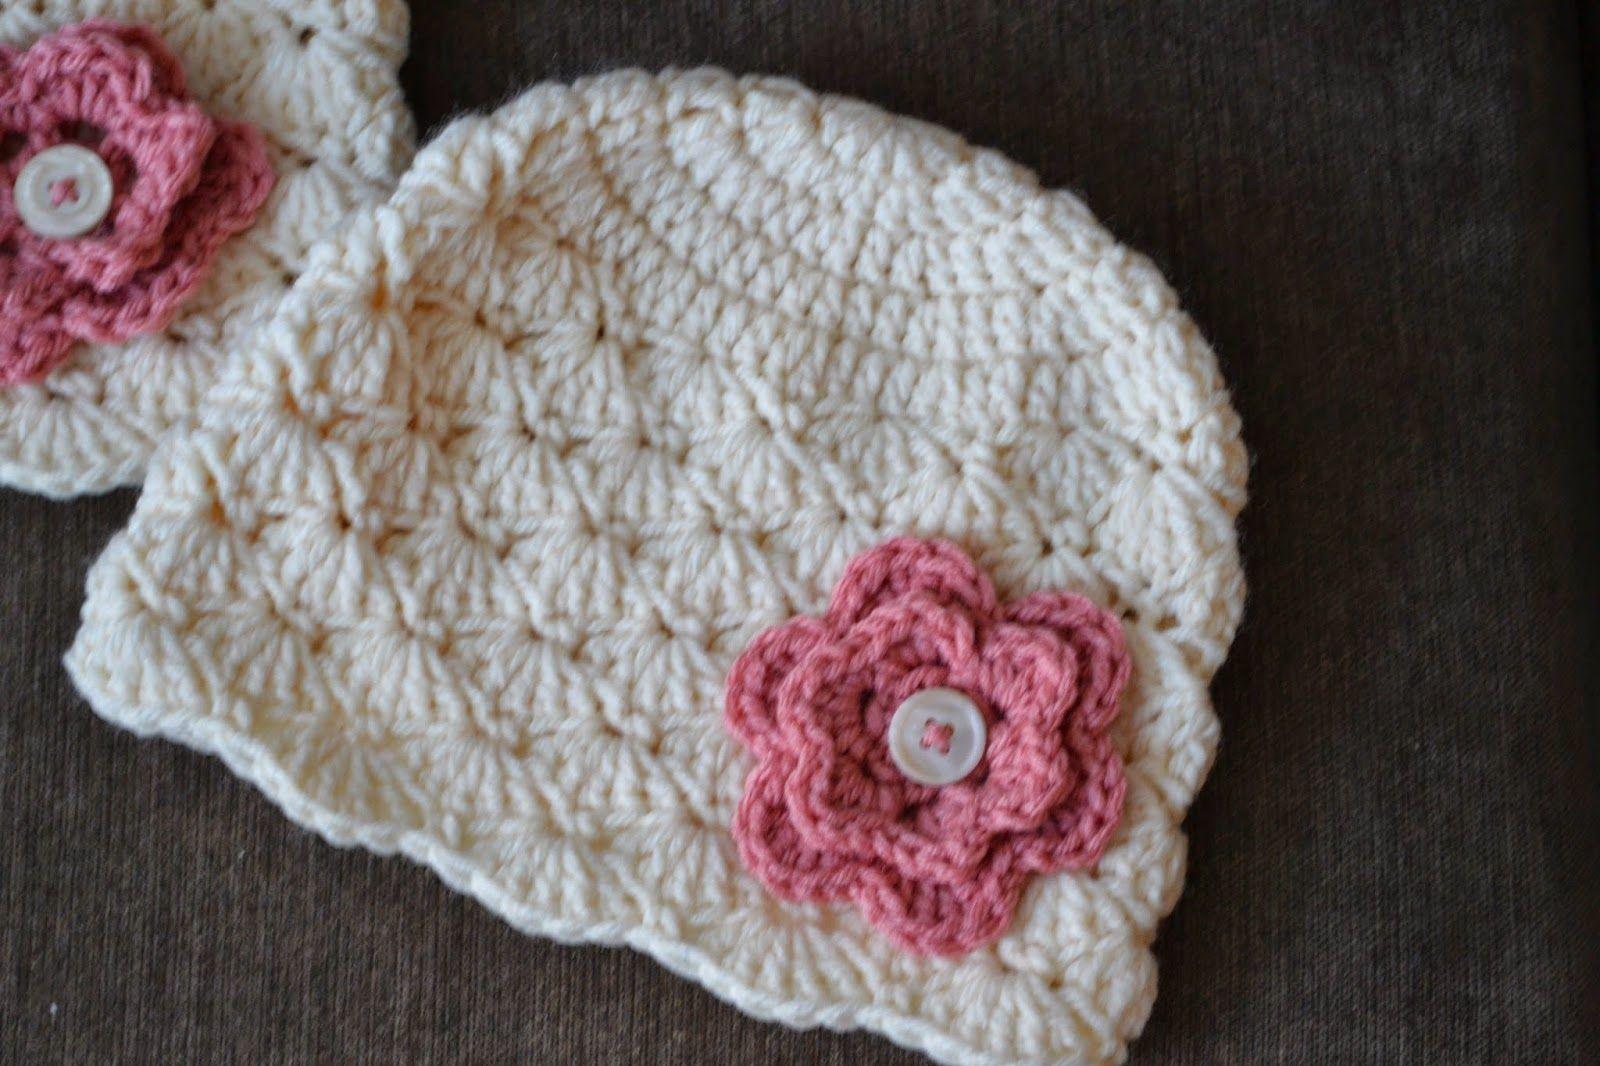 Knotty Knotty Crochet: Simple shells beanie FREE PATTERN! | Crochet ...